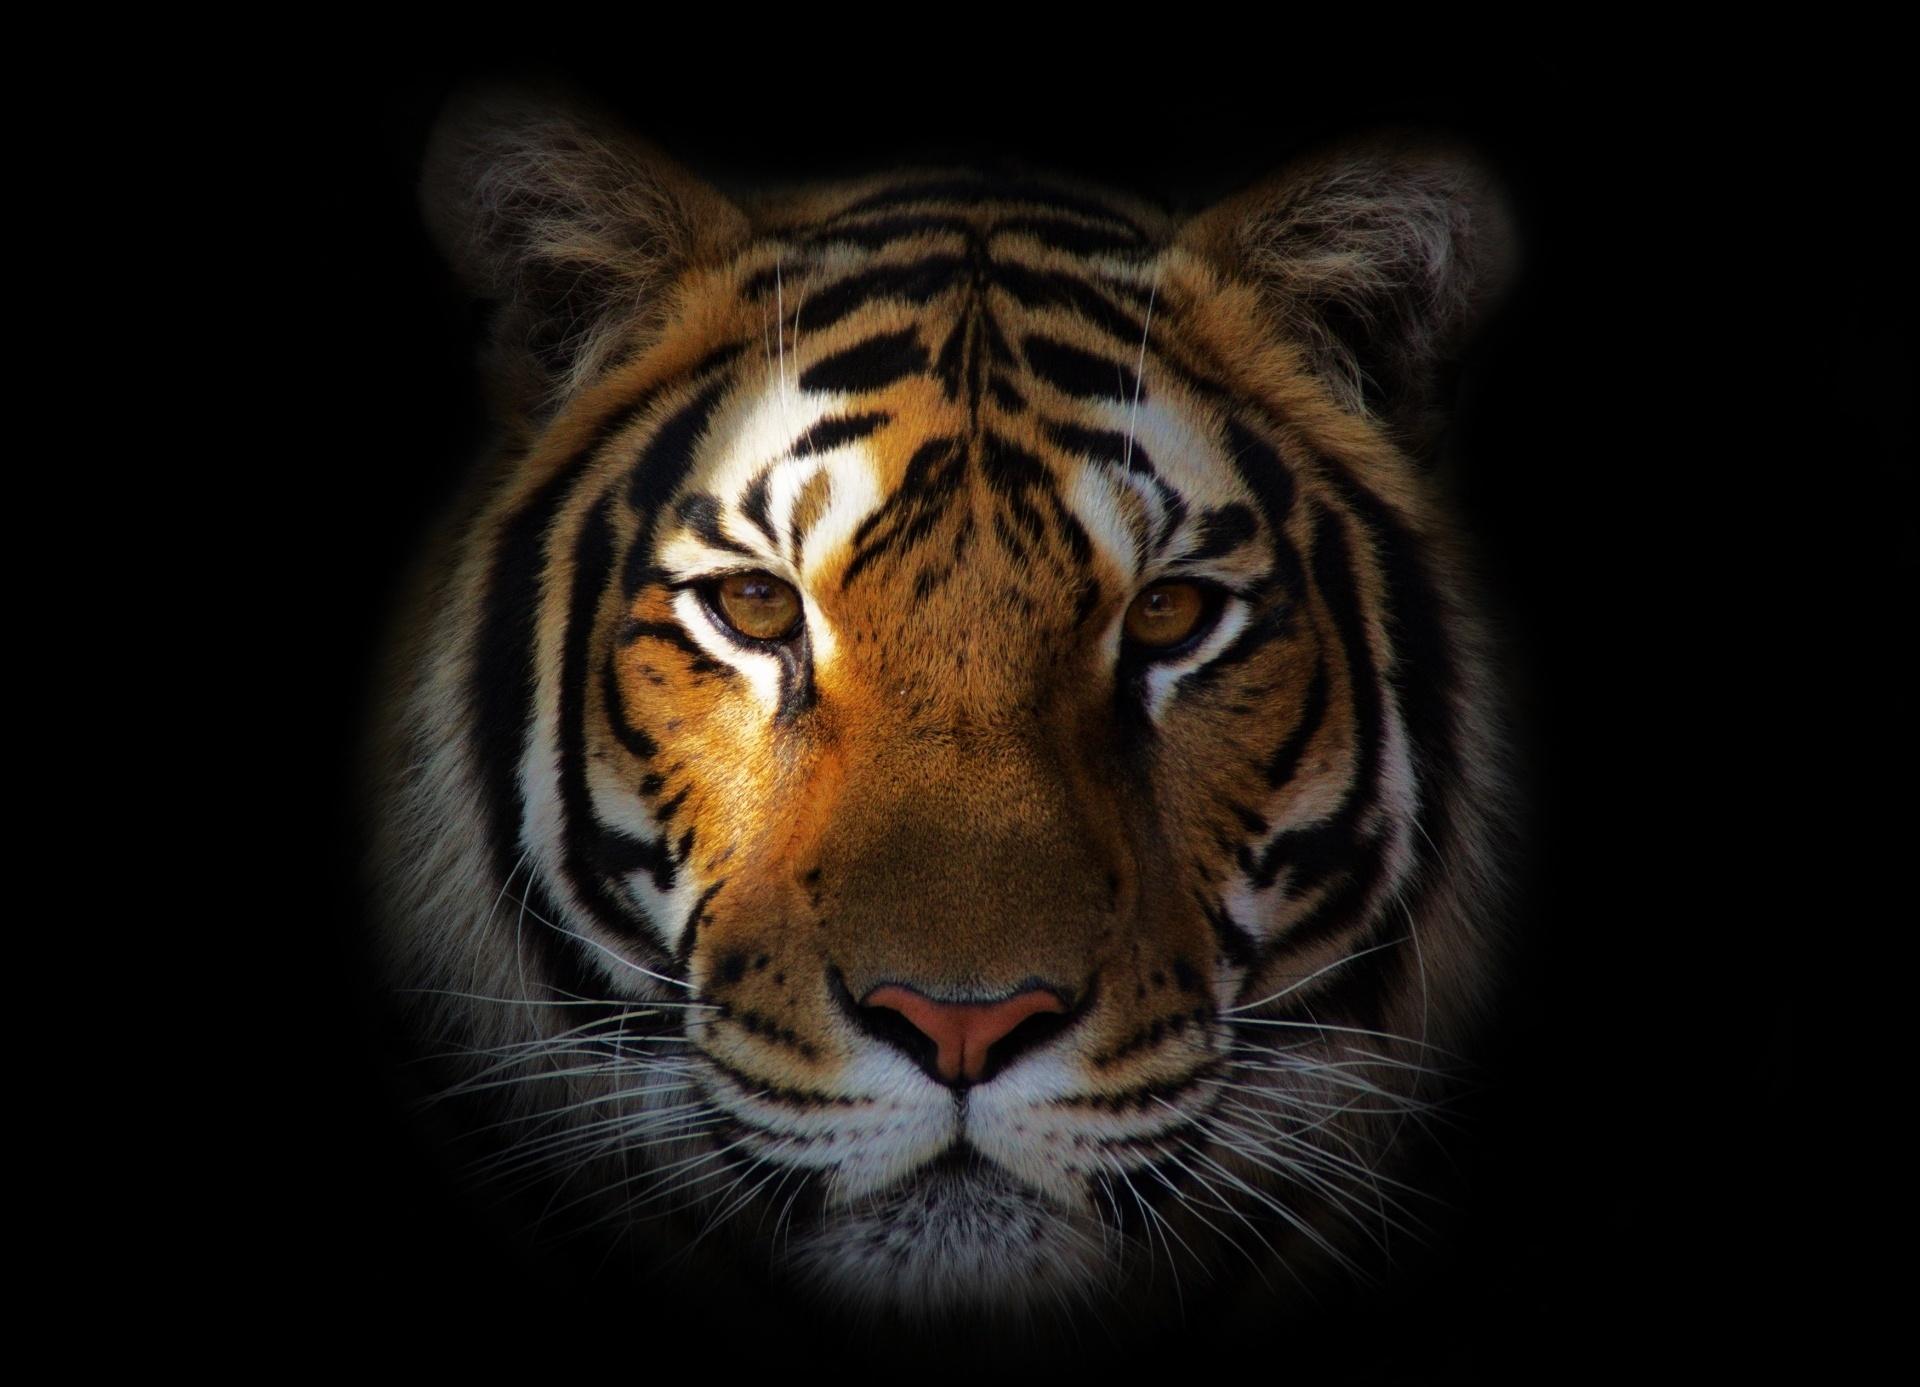 108363 скачать обои Животные, Хищник, Тигр, Тень, Морда - заставки и картинки бесплатно